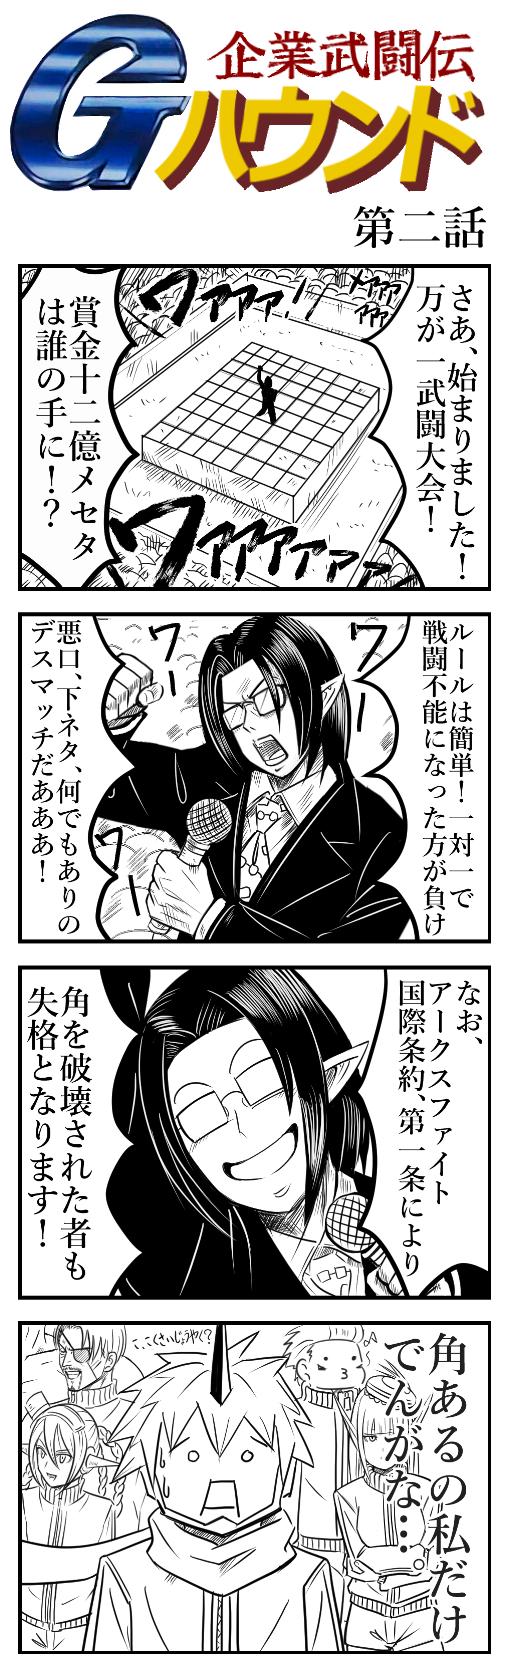 企業武闘伝Gハウンド2